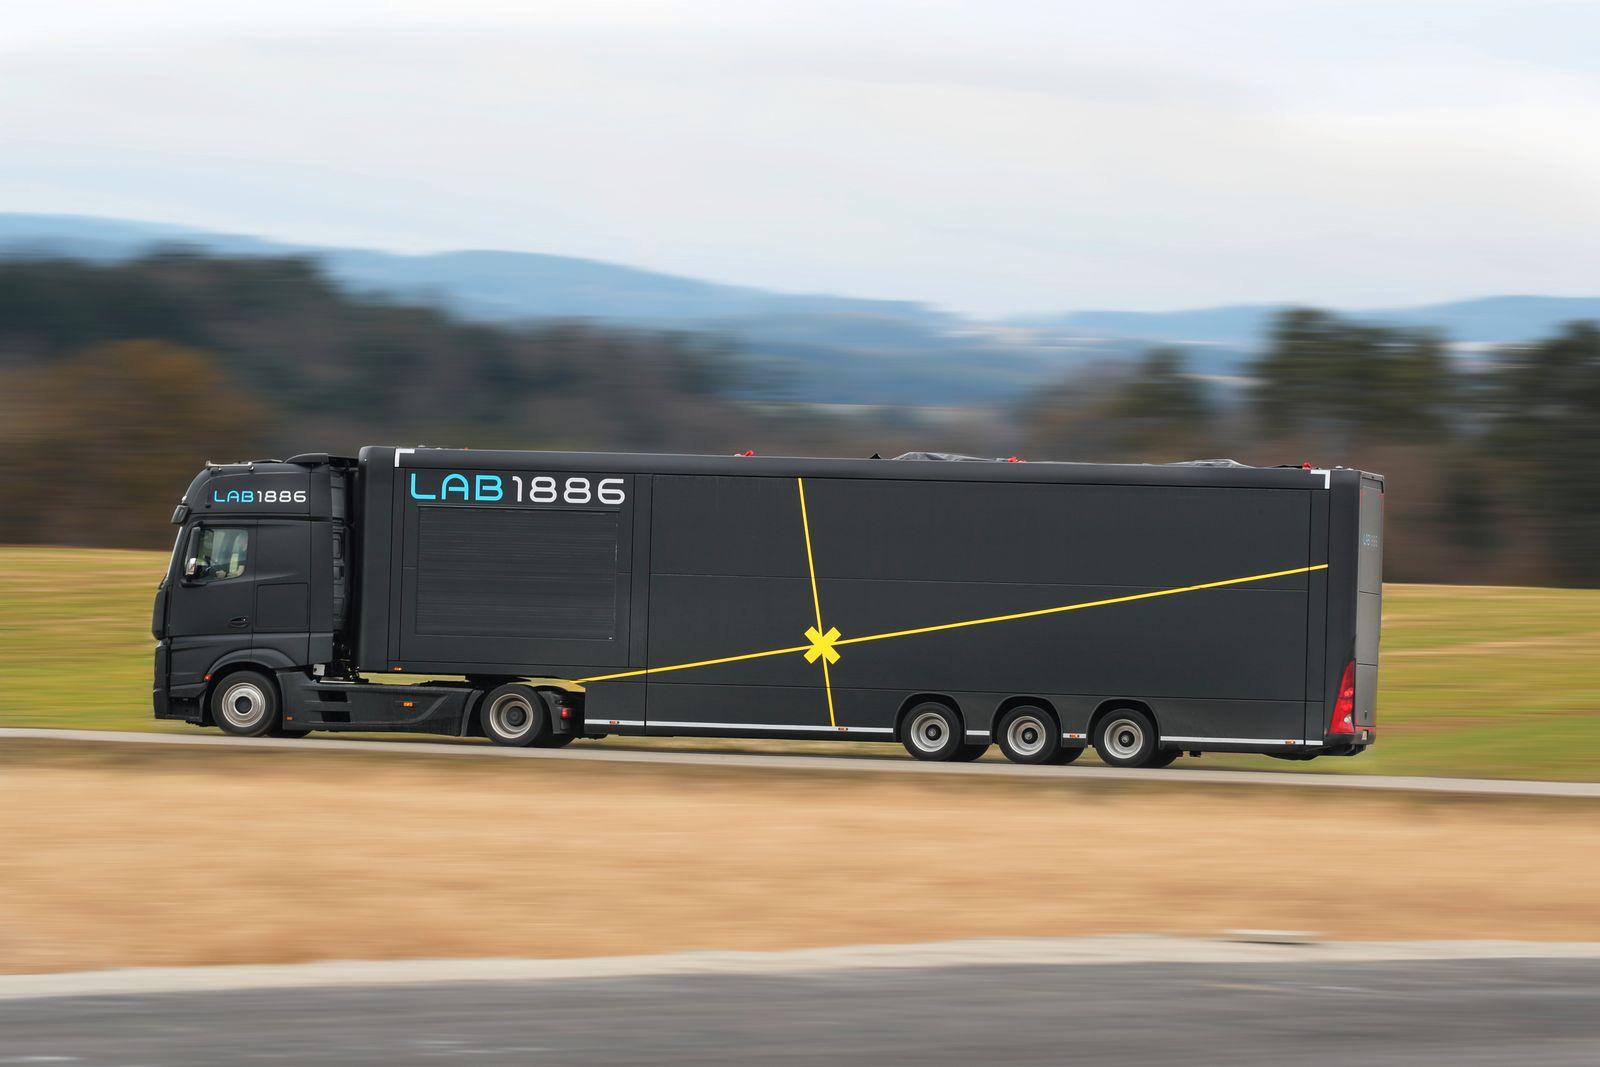 Lab1886 / Daimler / Truck